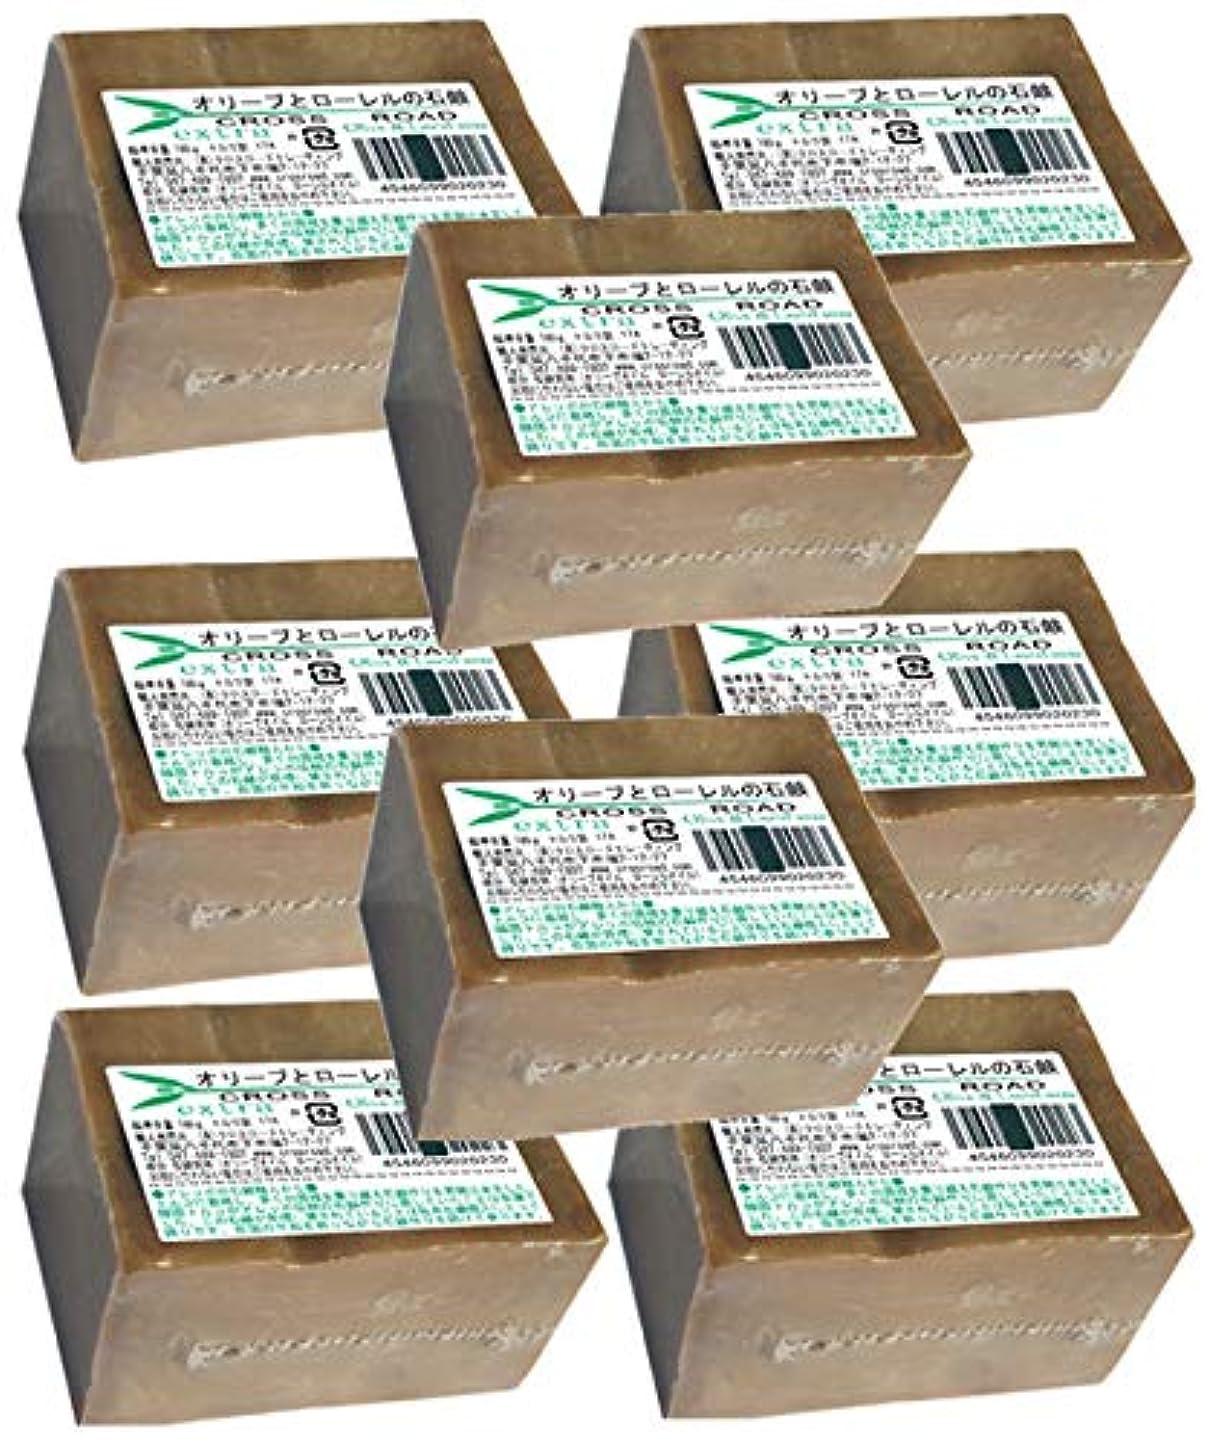 洞察力廃棄するトランクライブラリオリーブとローレルの石鹸(エキストラ)8個セット[並行輸入品]